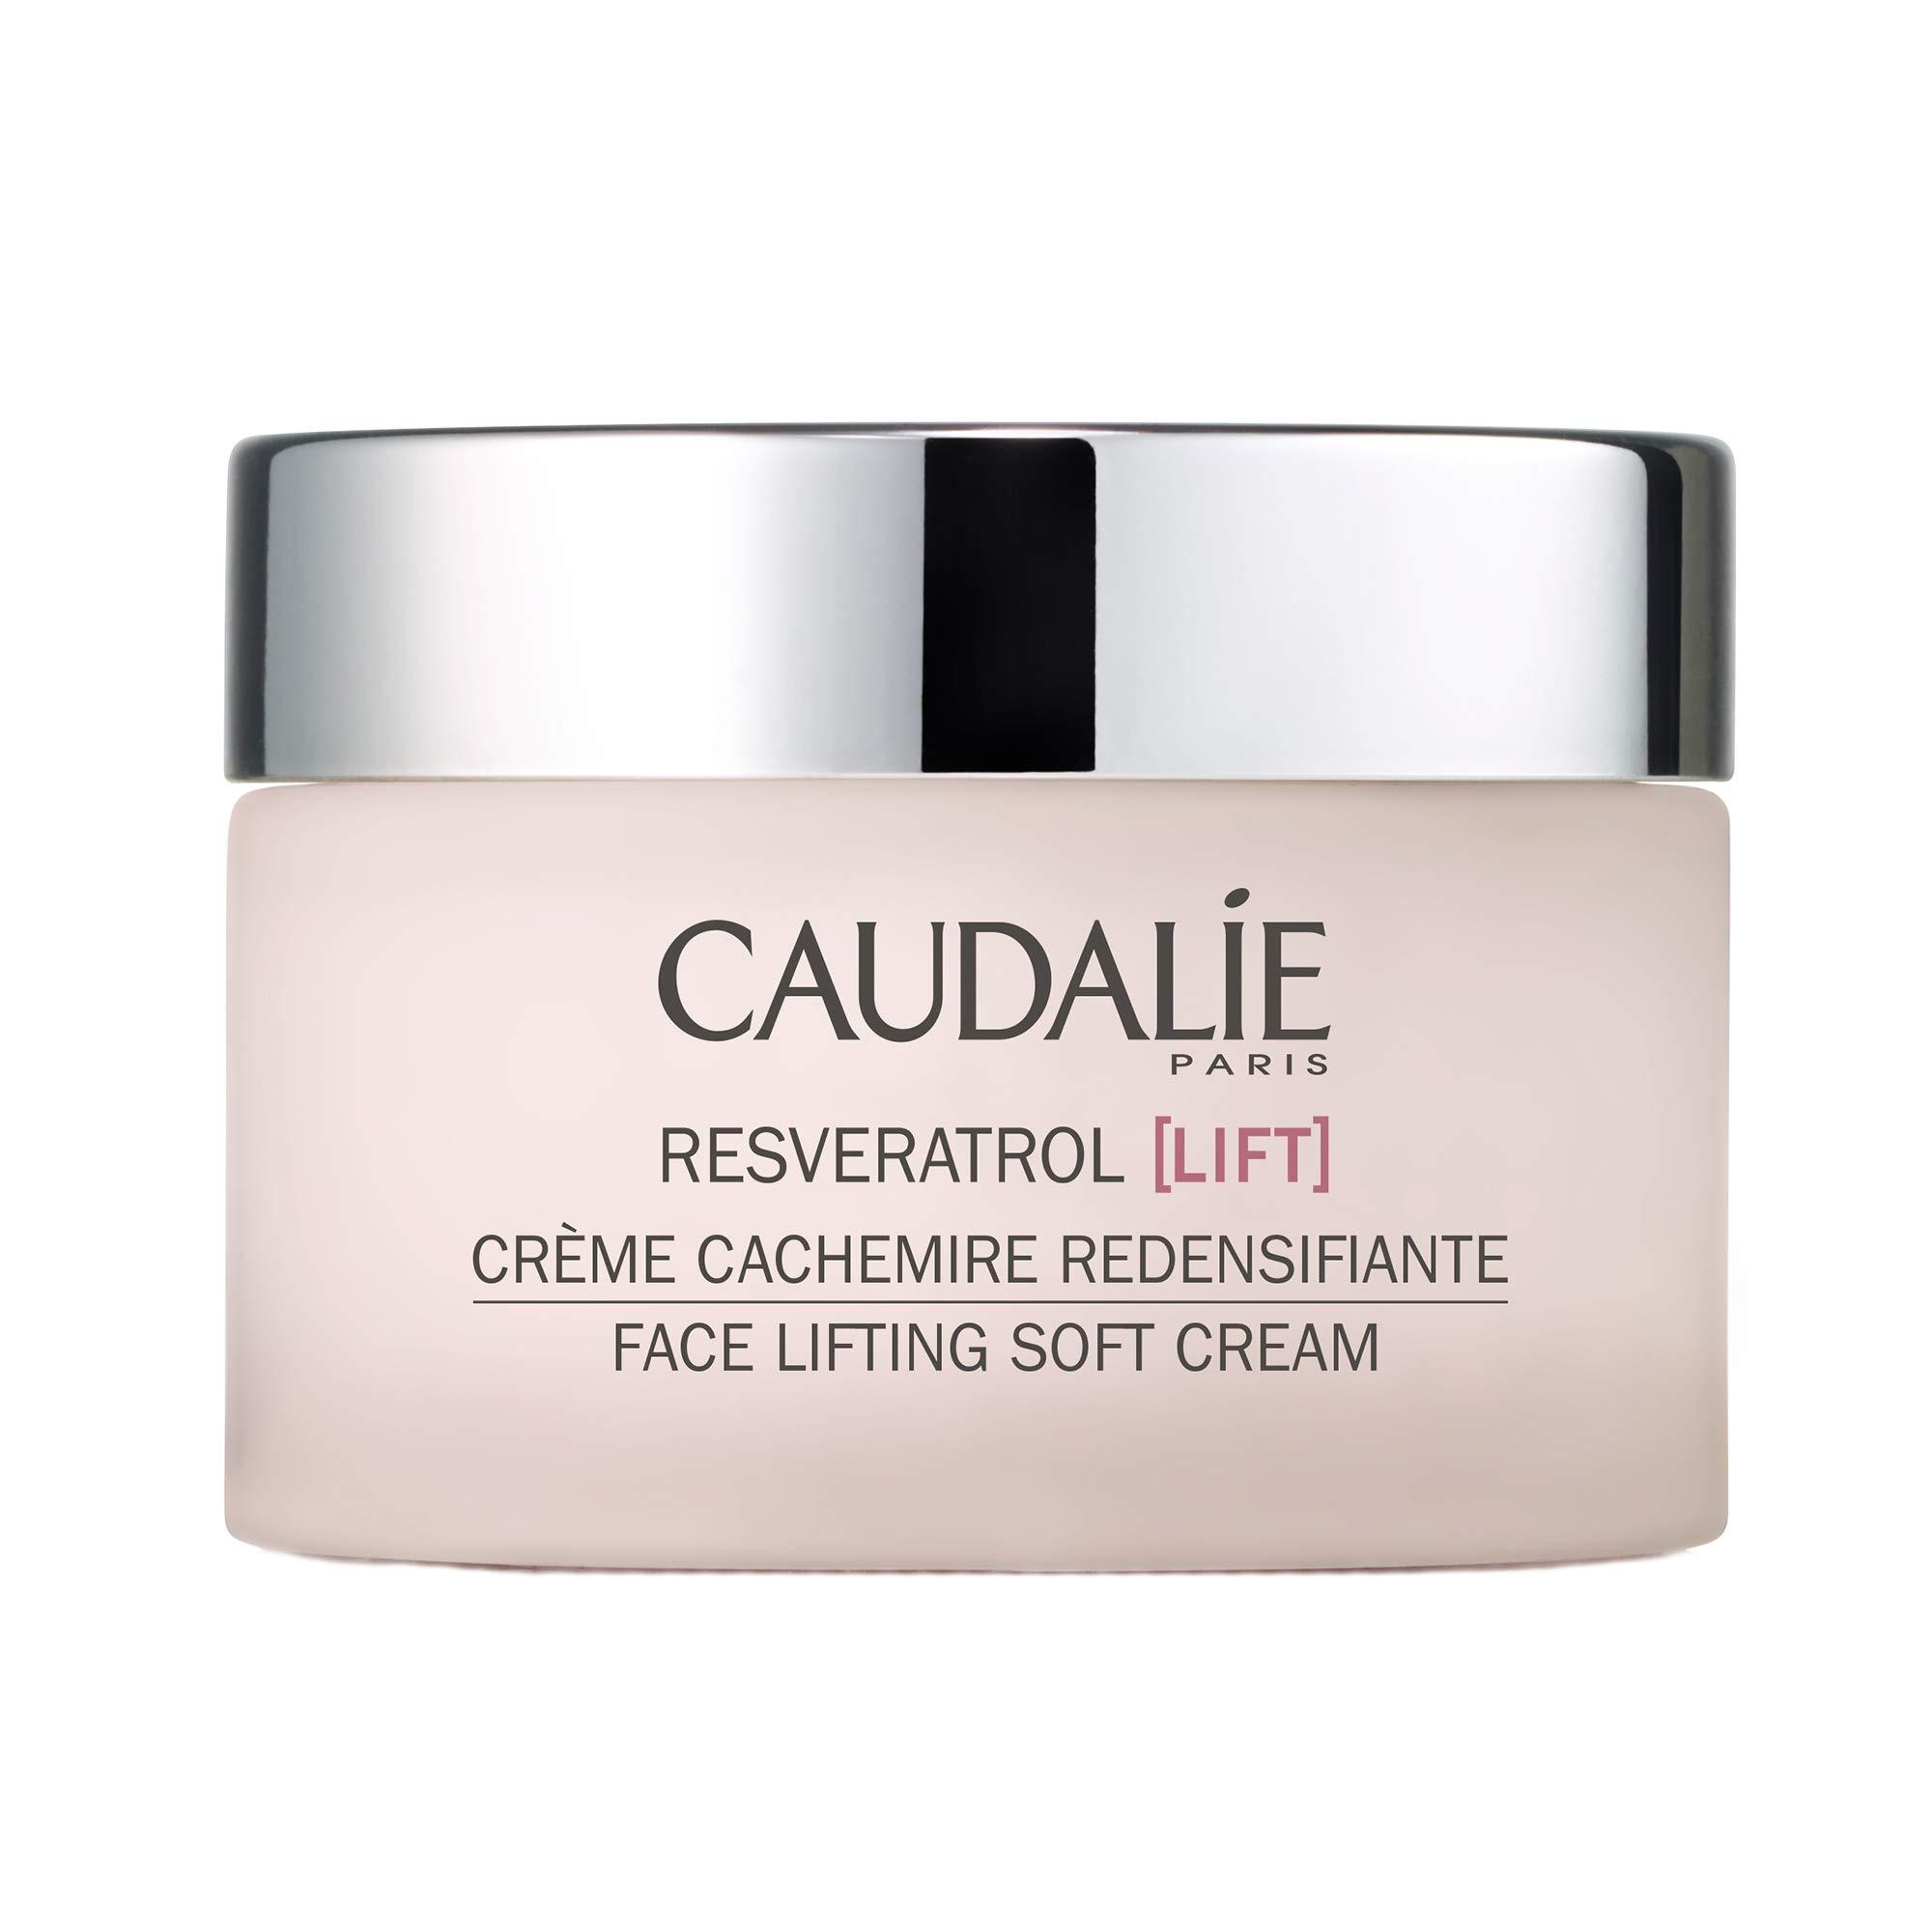 Caudalie Resveratrol Lift Face Lifting Soft Cream 1 7 Ounce Buy